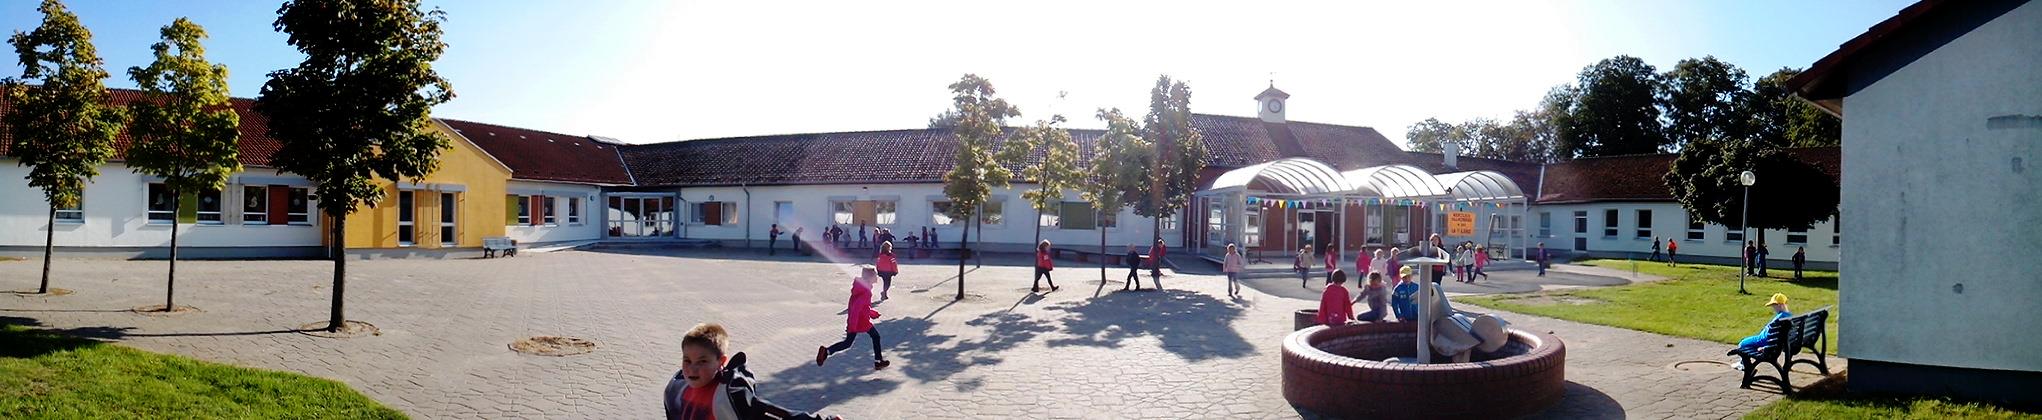 Grundschule Lübz